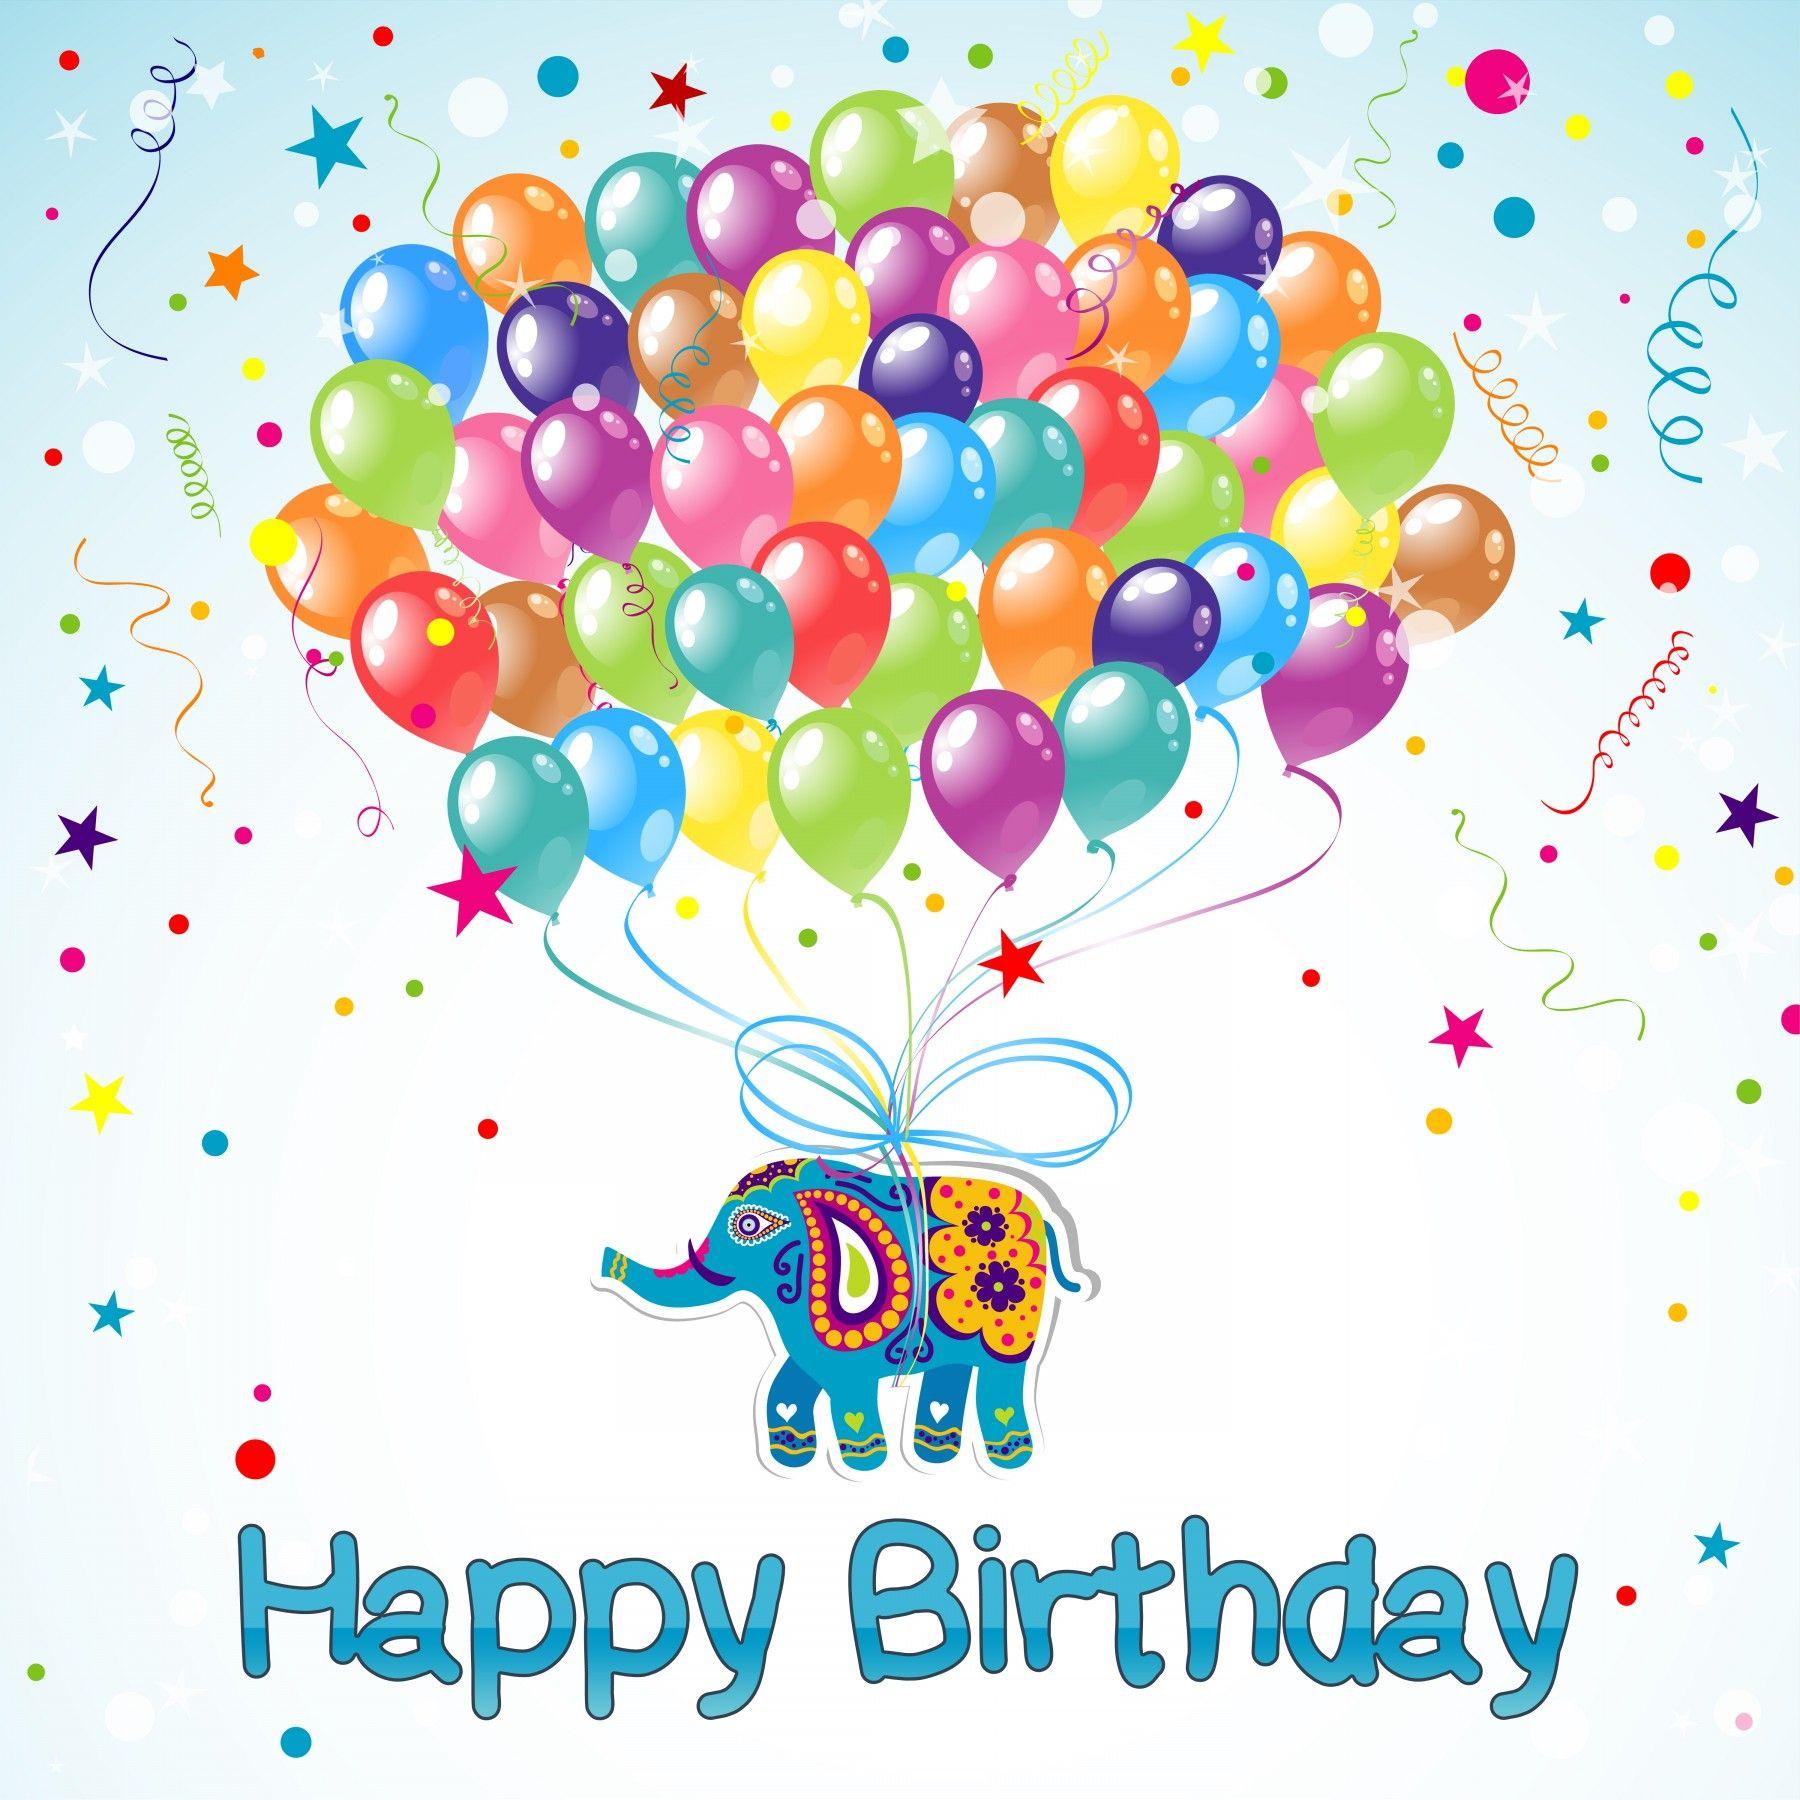 happy birthday cards photo stock Birthdays Pinterest – Happy Birthday Free Cards